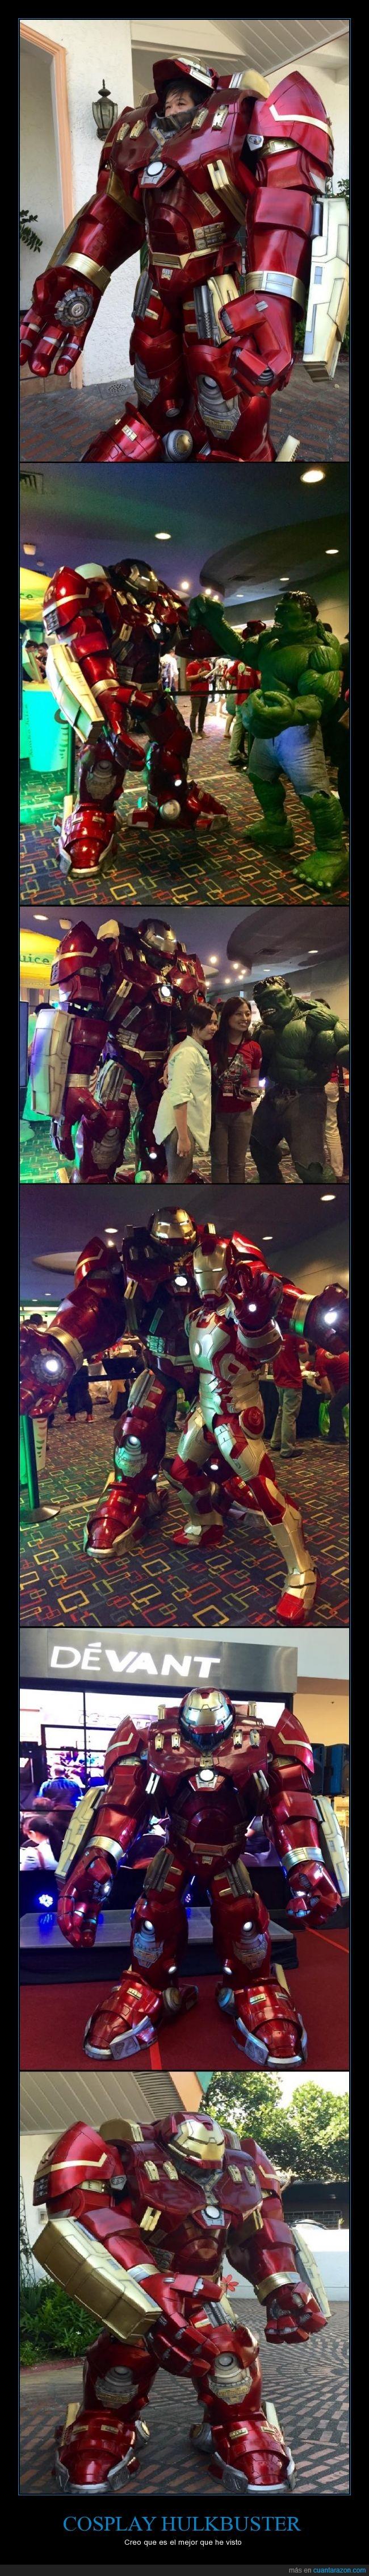 armadura,cosplay,disfraz,hulkbuster,iron,iron man,ironman,man